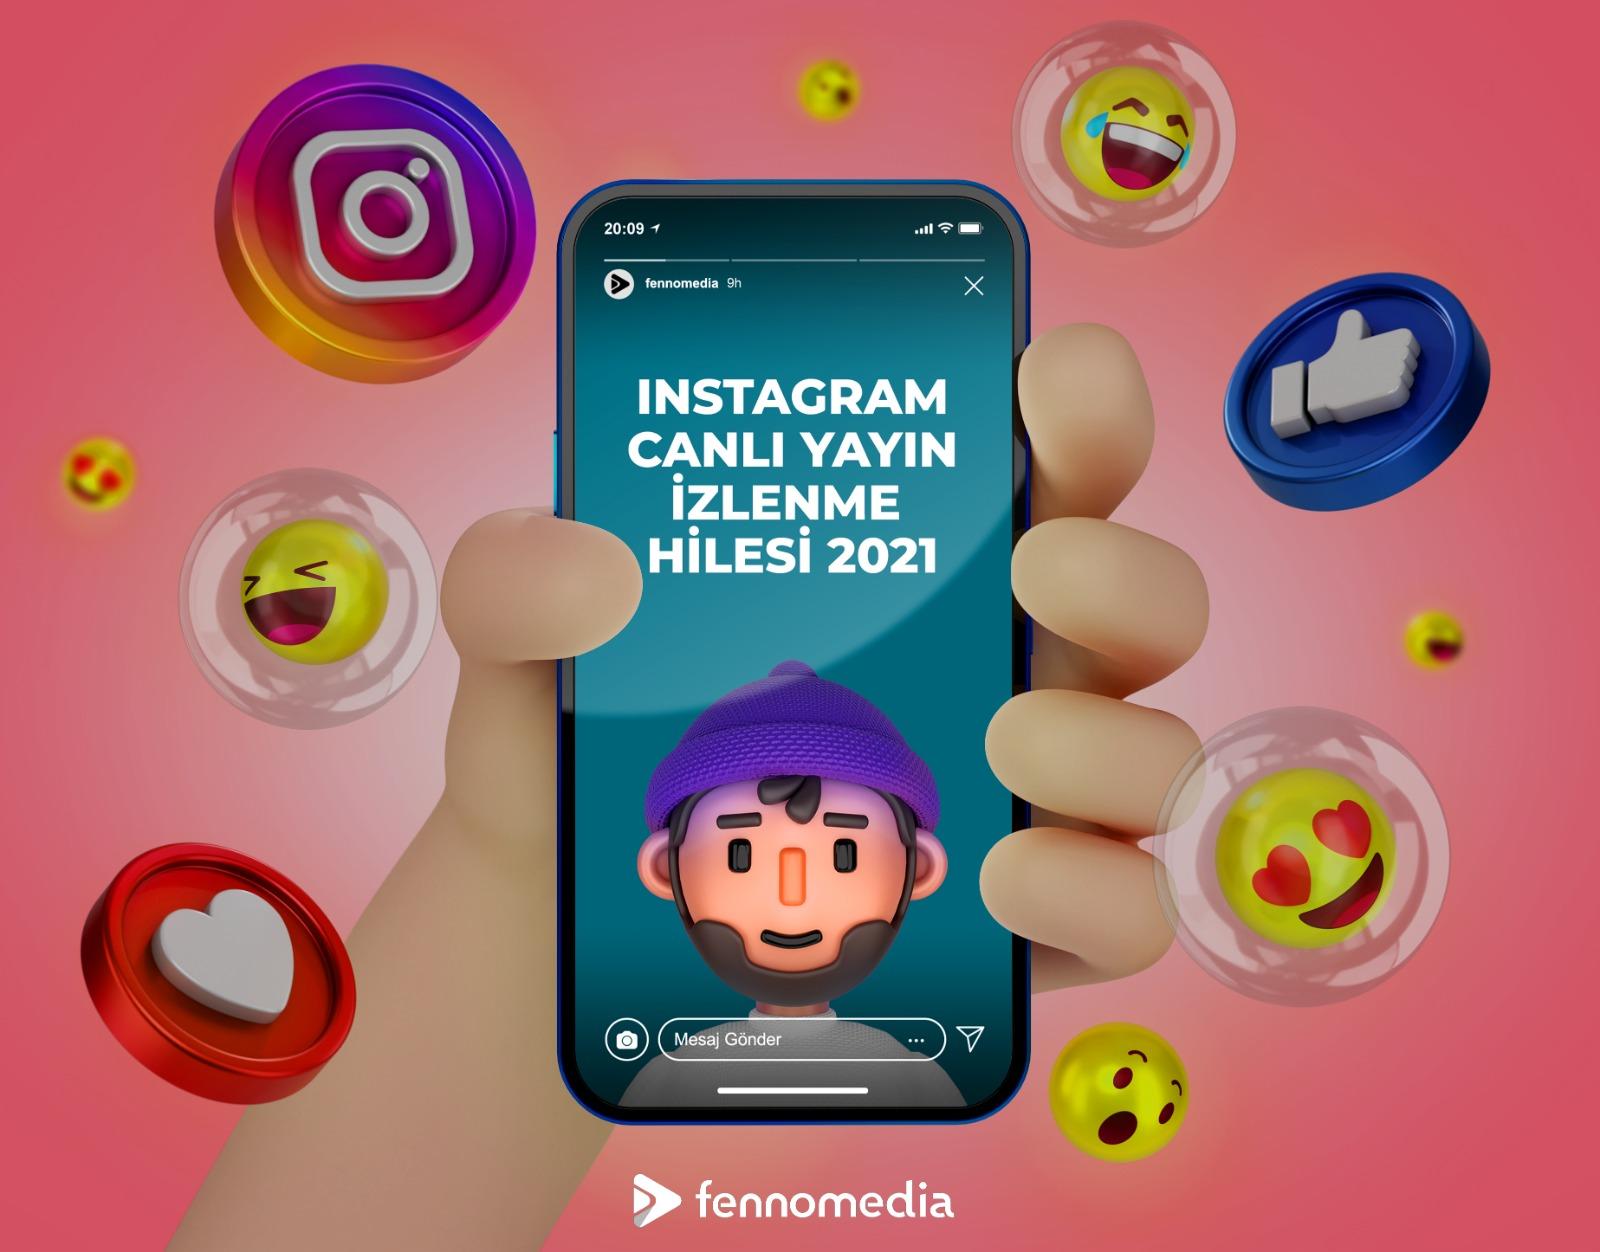 Instagram canlı yayın izlenme hilesi 2021